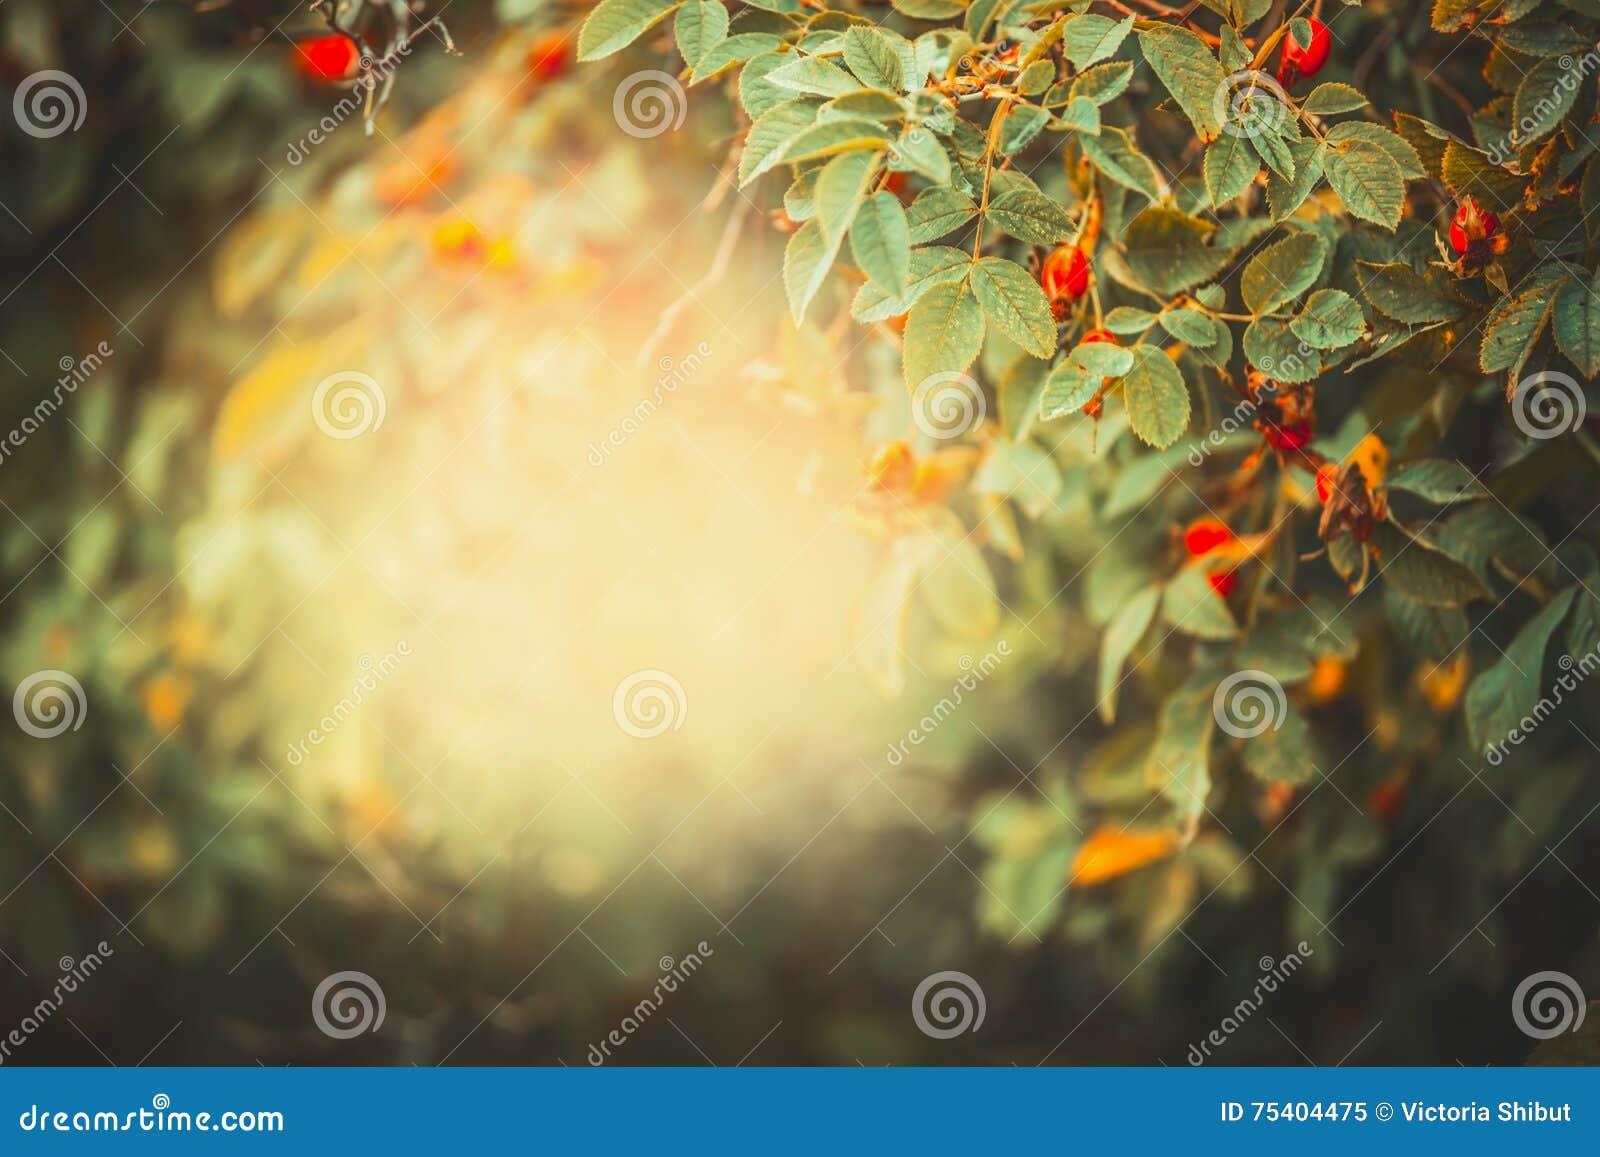 De mooie achtergrond van de de herfstaard met kader van hondrozen met rode vruchten en bessen in tuin of park bij zonsondergangli